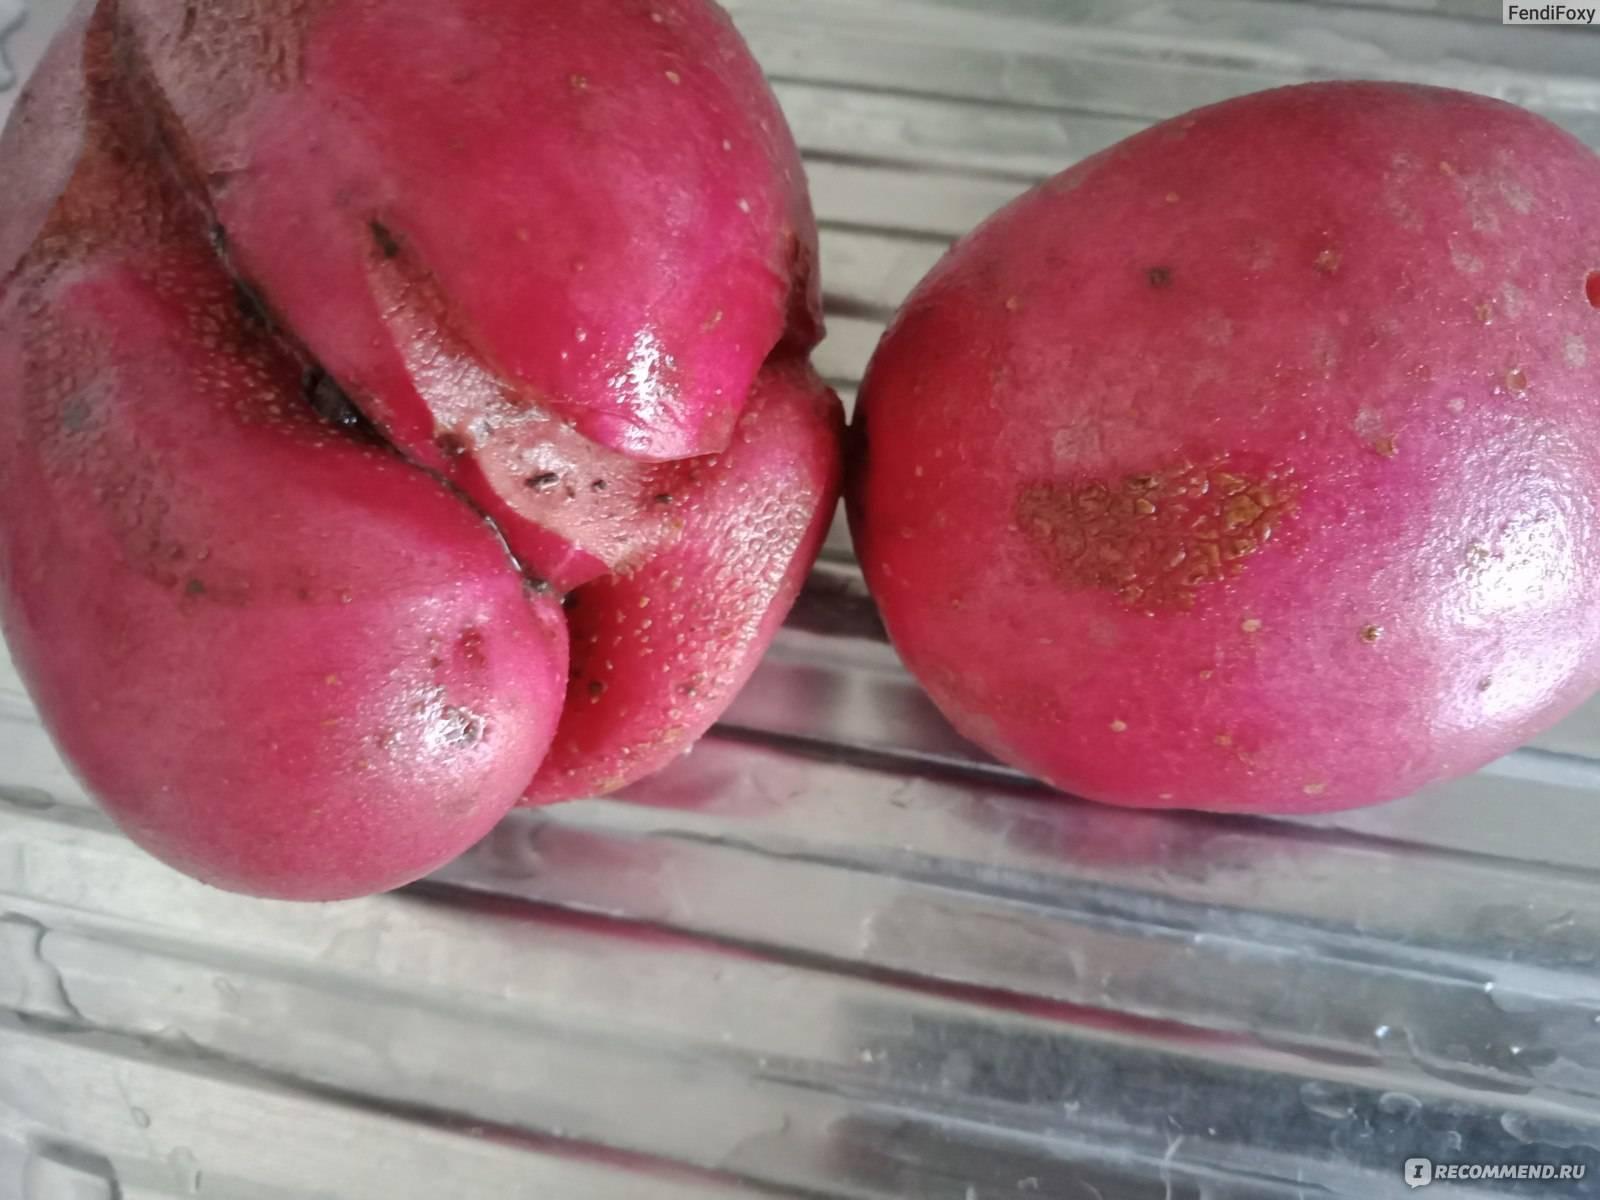 Картофель латона: характеристики сорта, вкус, отзывы